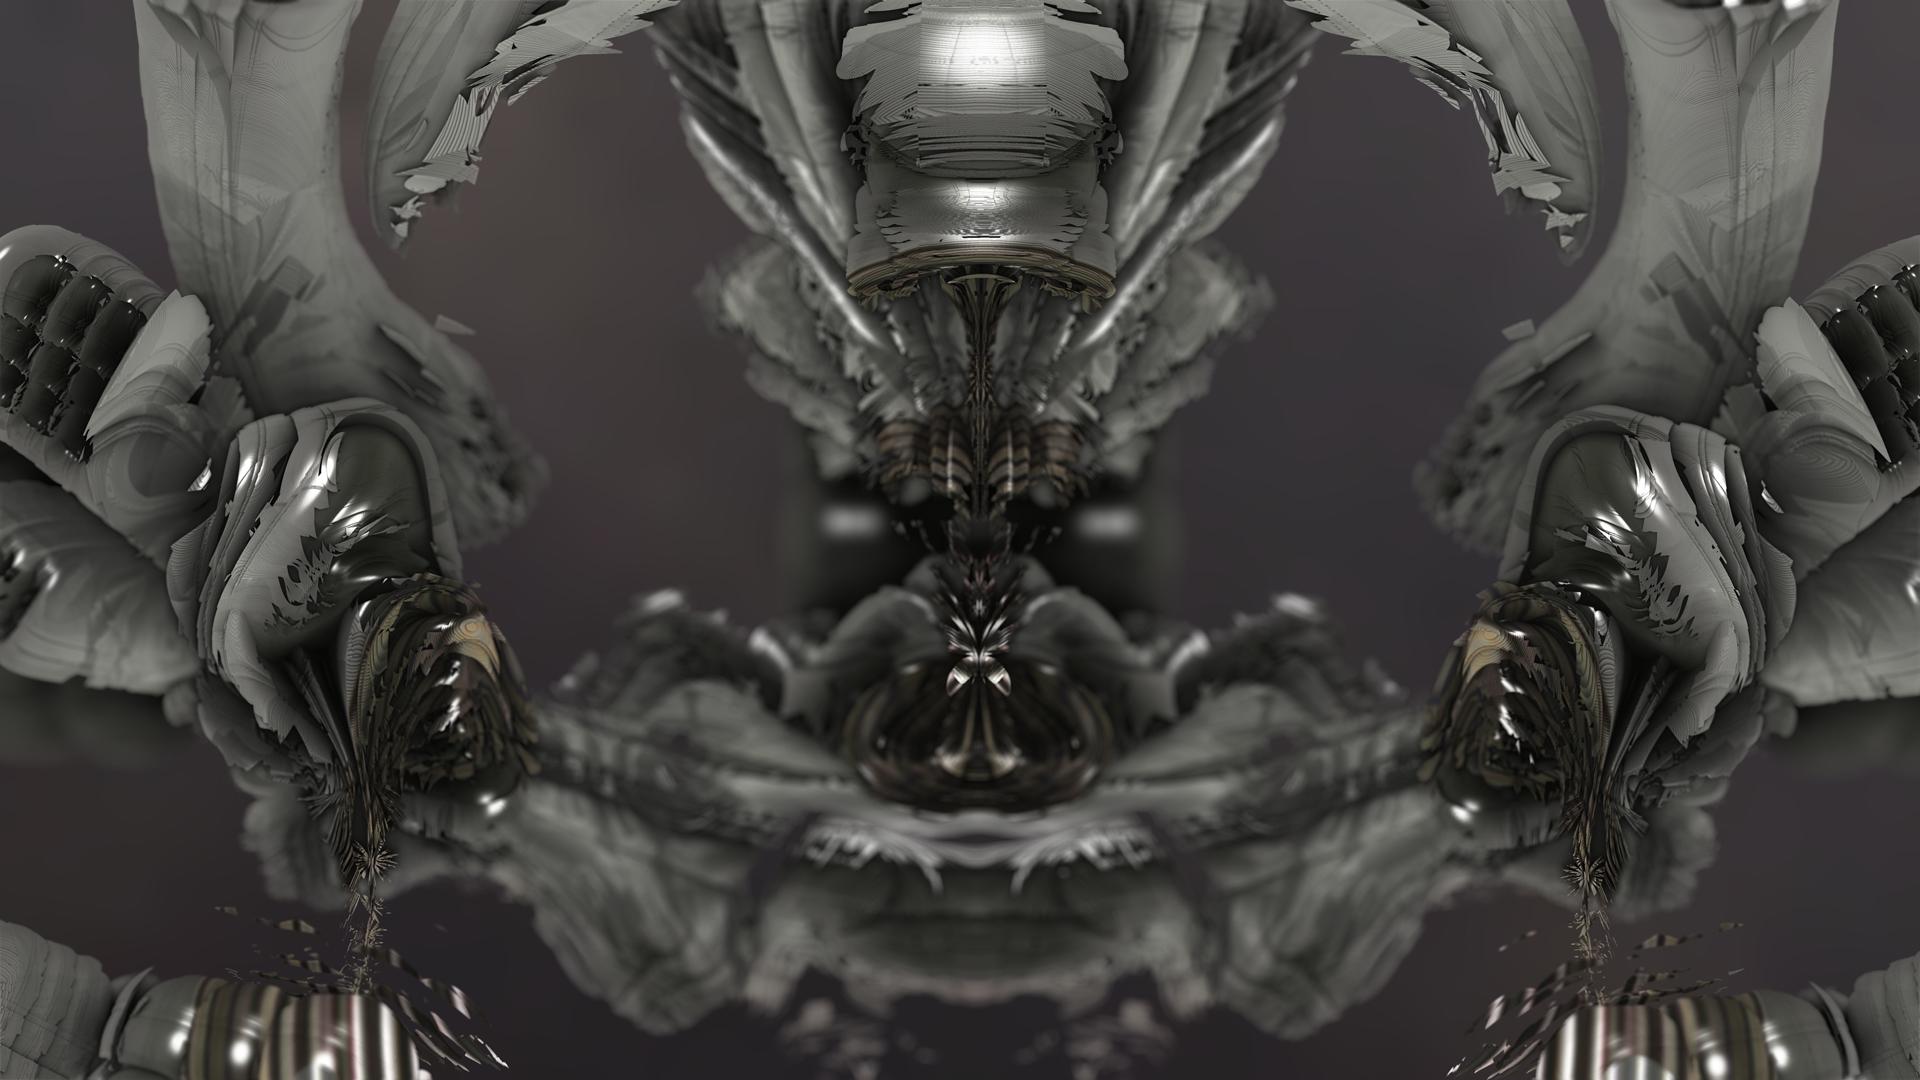 MB3D Strange Dreams by viperv6